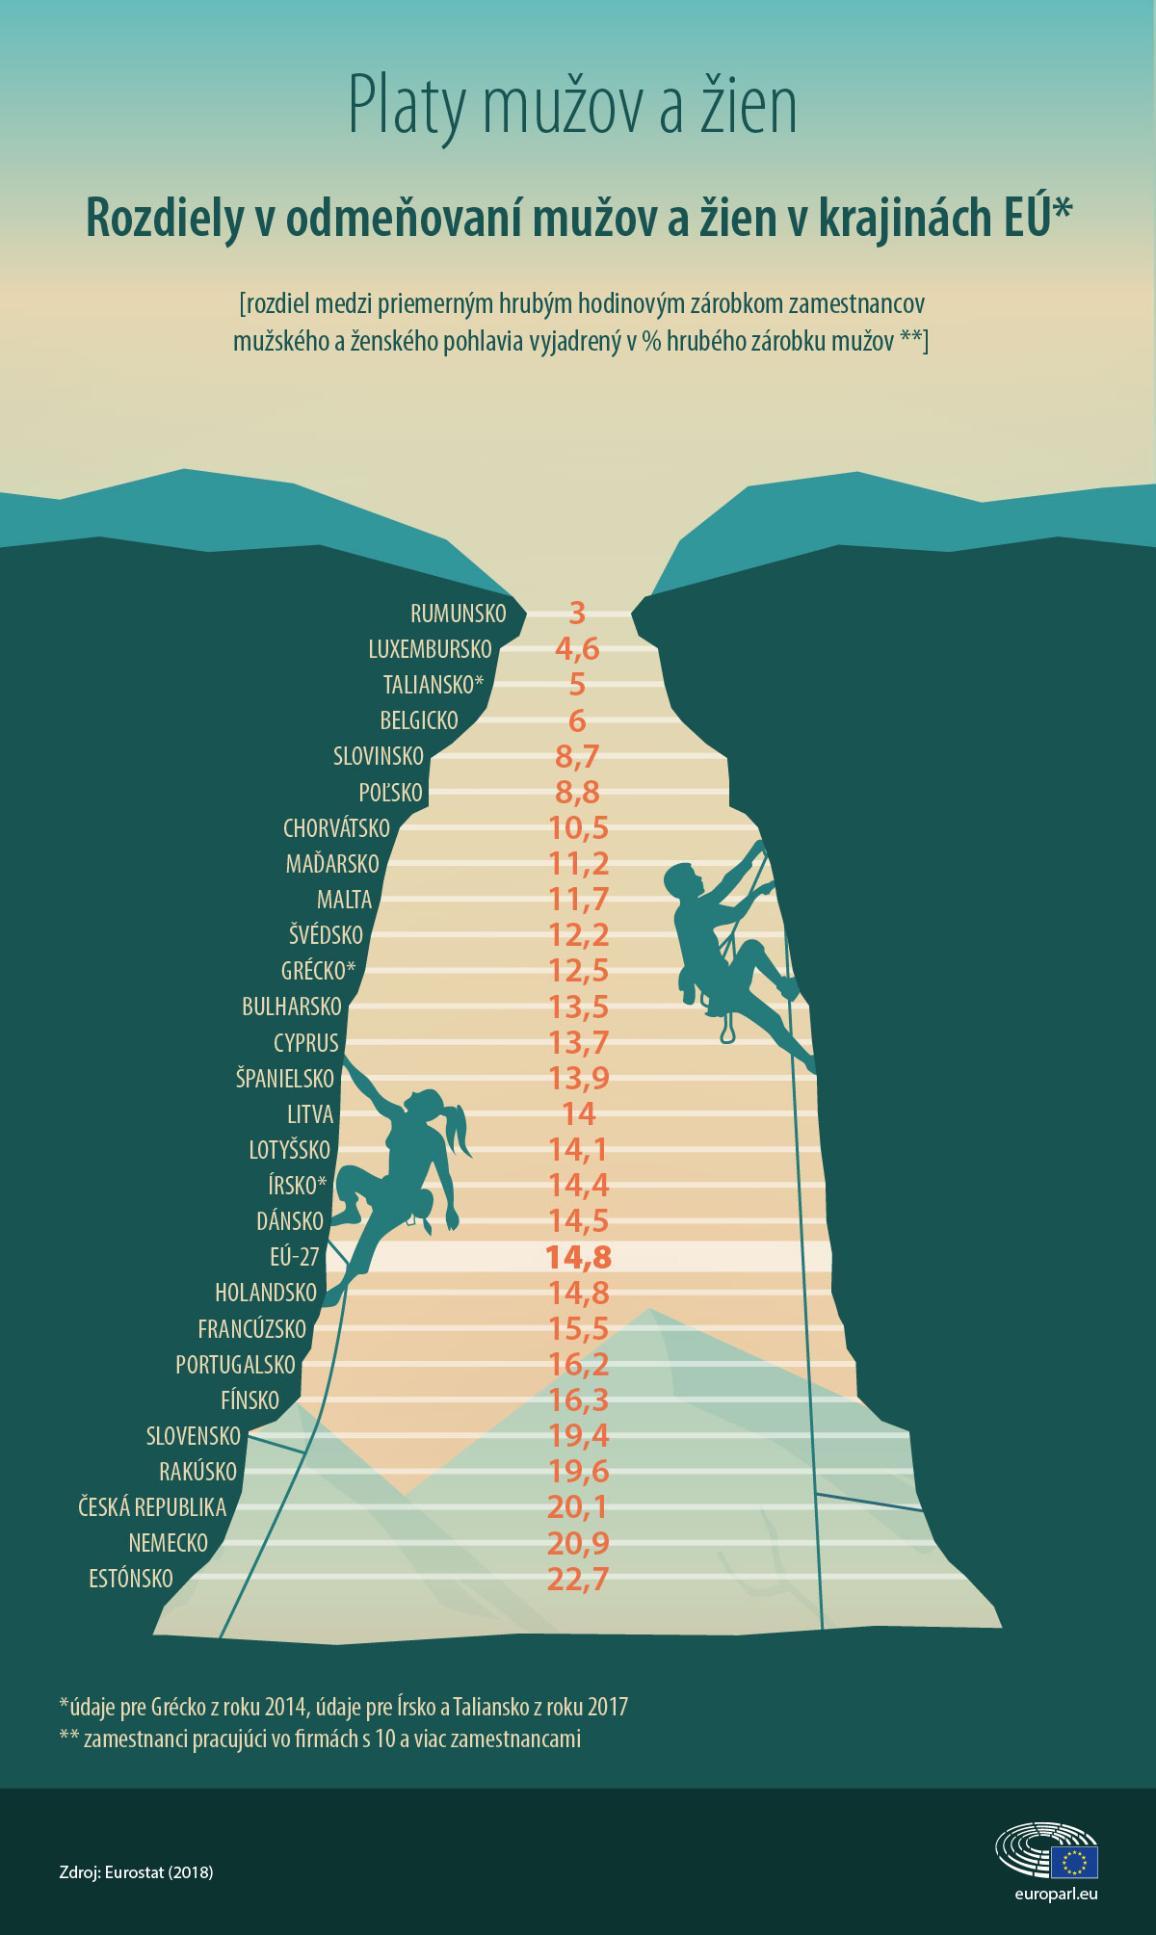 Infografika o platových rozdieloch medzi mužmi a ženami v jednotlivých krajinách EÚ